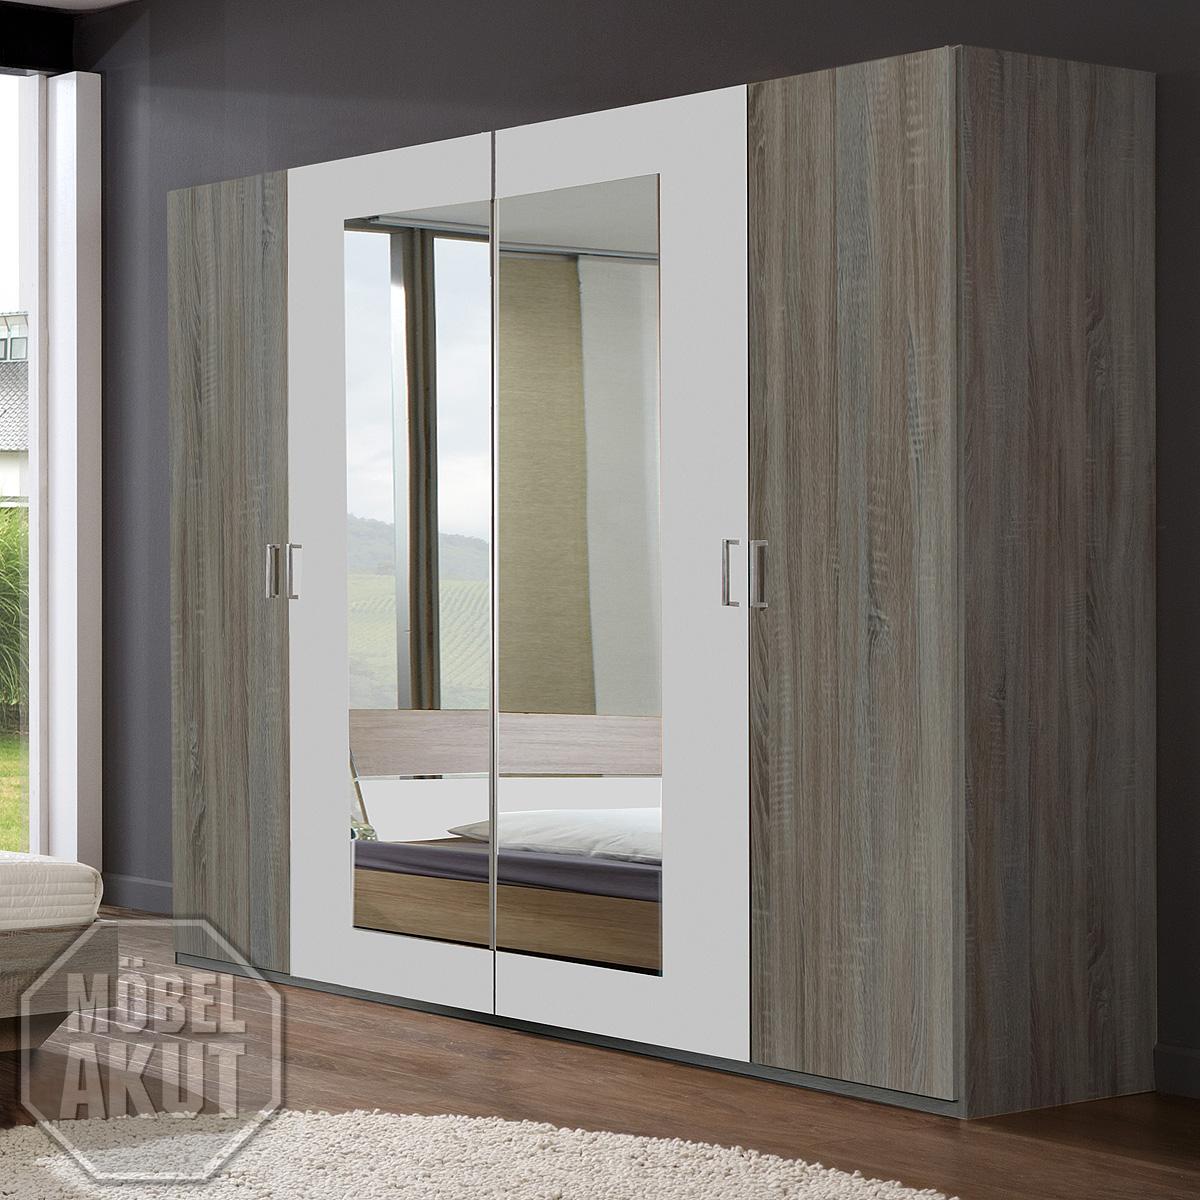 kleiderschrank franziska schrank in montana eiche s gerau und wei 225 cm ebay. Black Bedroom Furniture Sets. Home Design Ideas